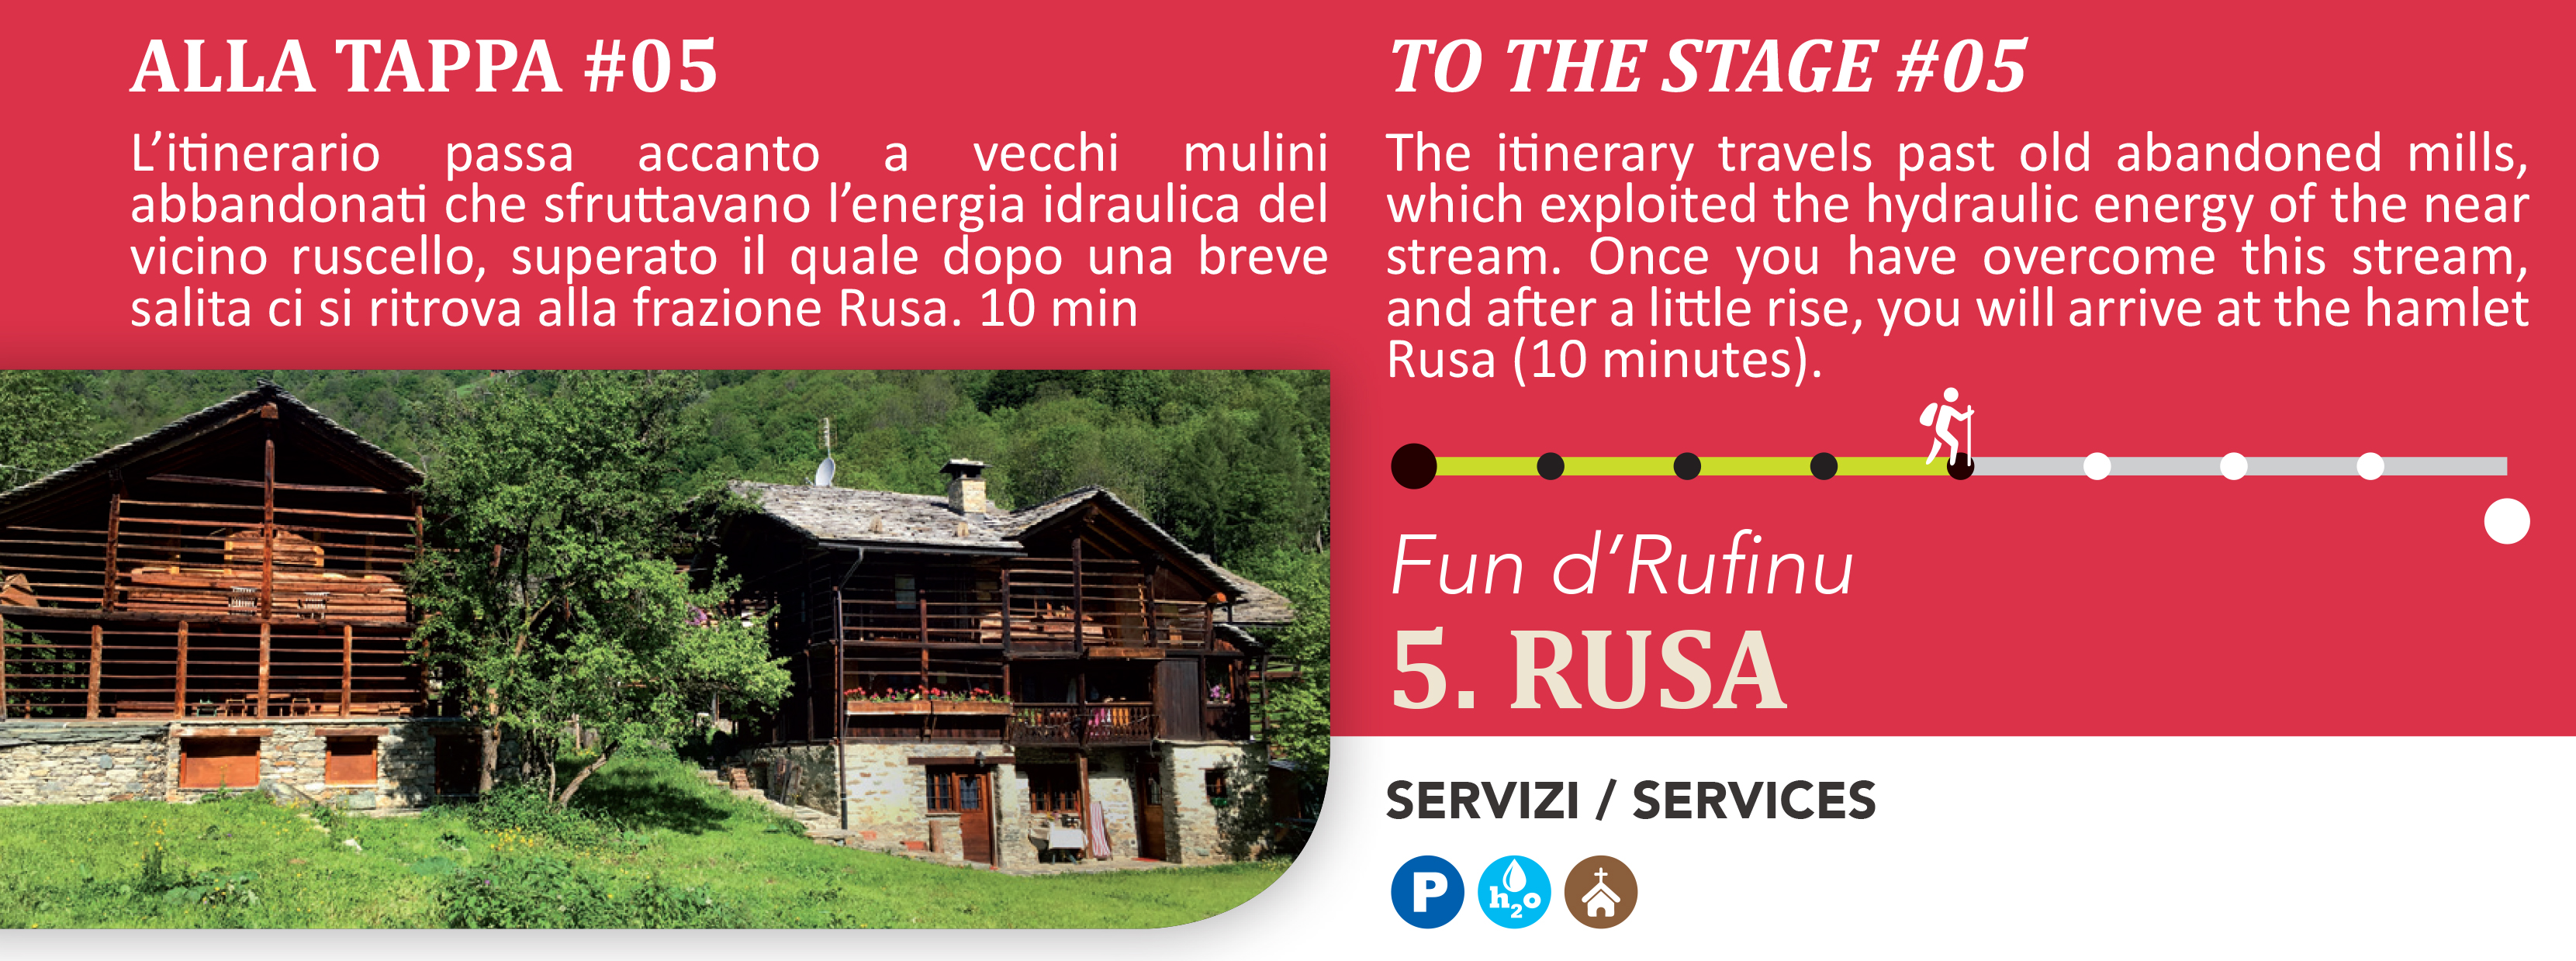 Rusa frazione alta di Alagna Valsesia